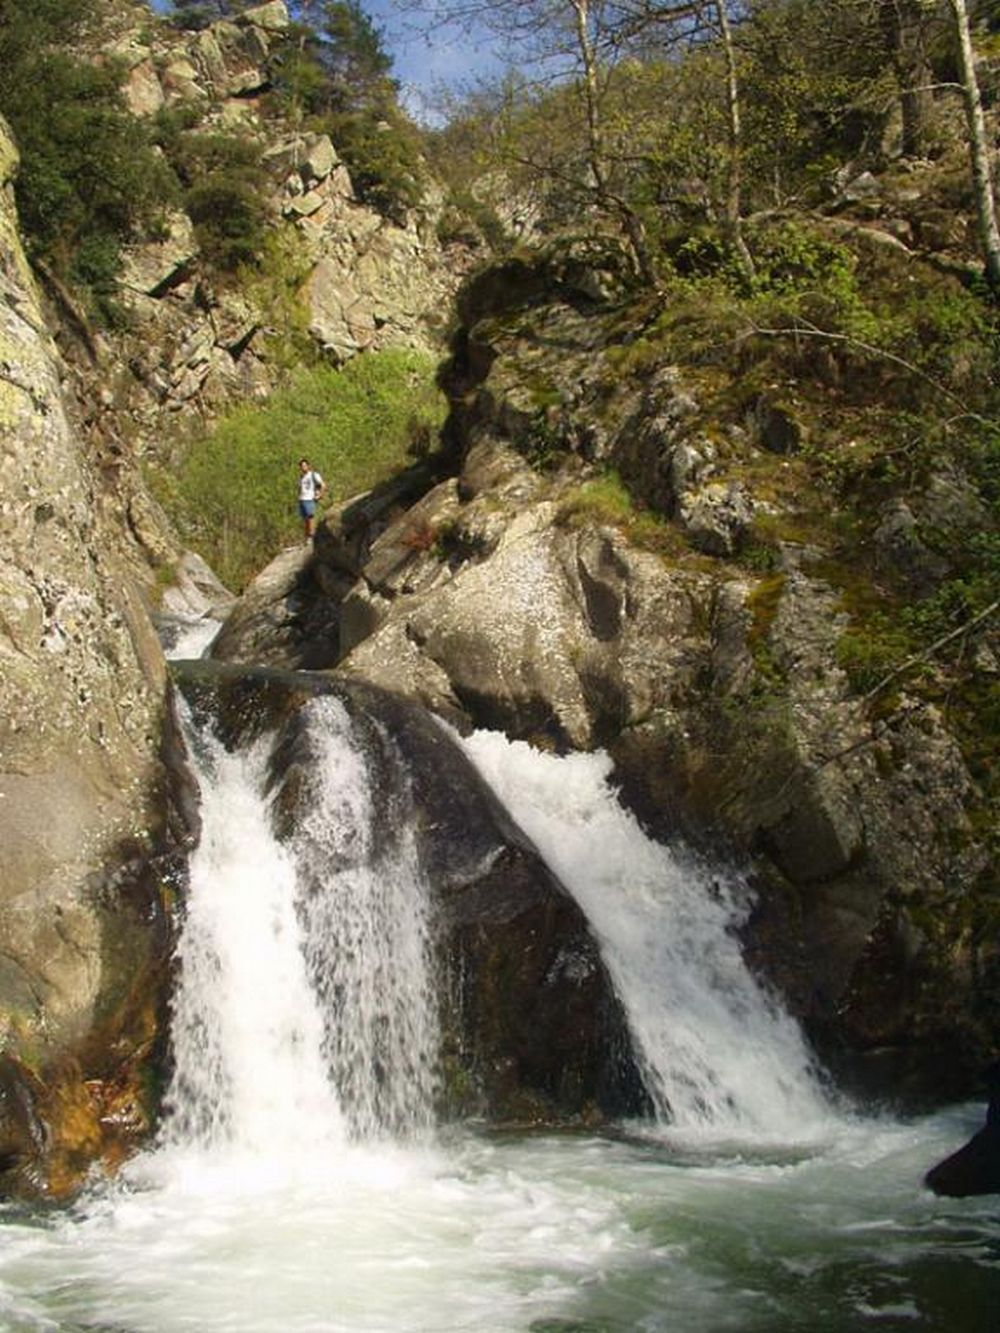 Piscines naturelles et cascades dans les pyr n es casa - Office de tourisme de vernet les bains ...